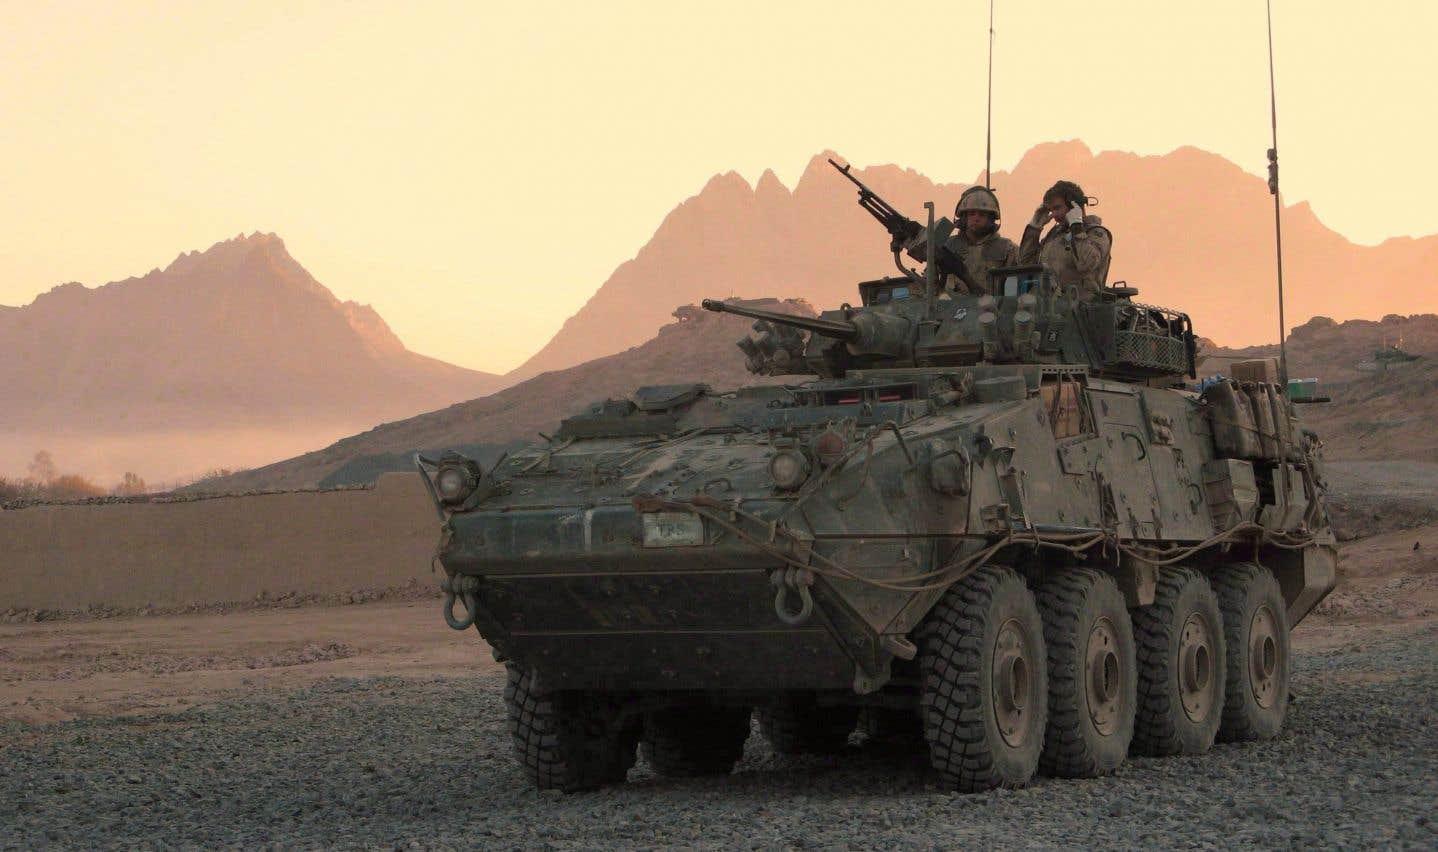 Les blindés canadiens sont dangereux pour les civils au Yémen, plaide Turp